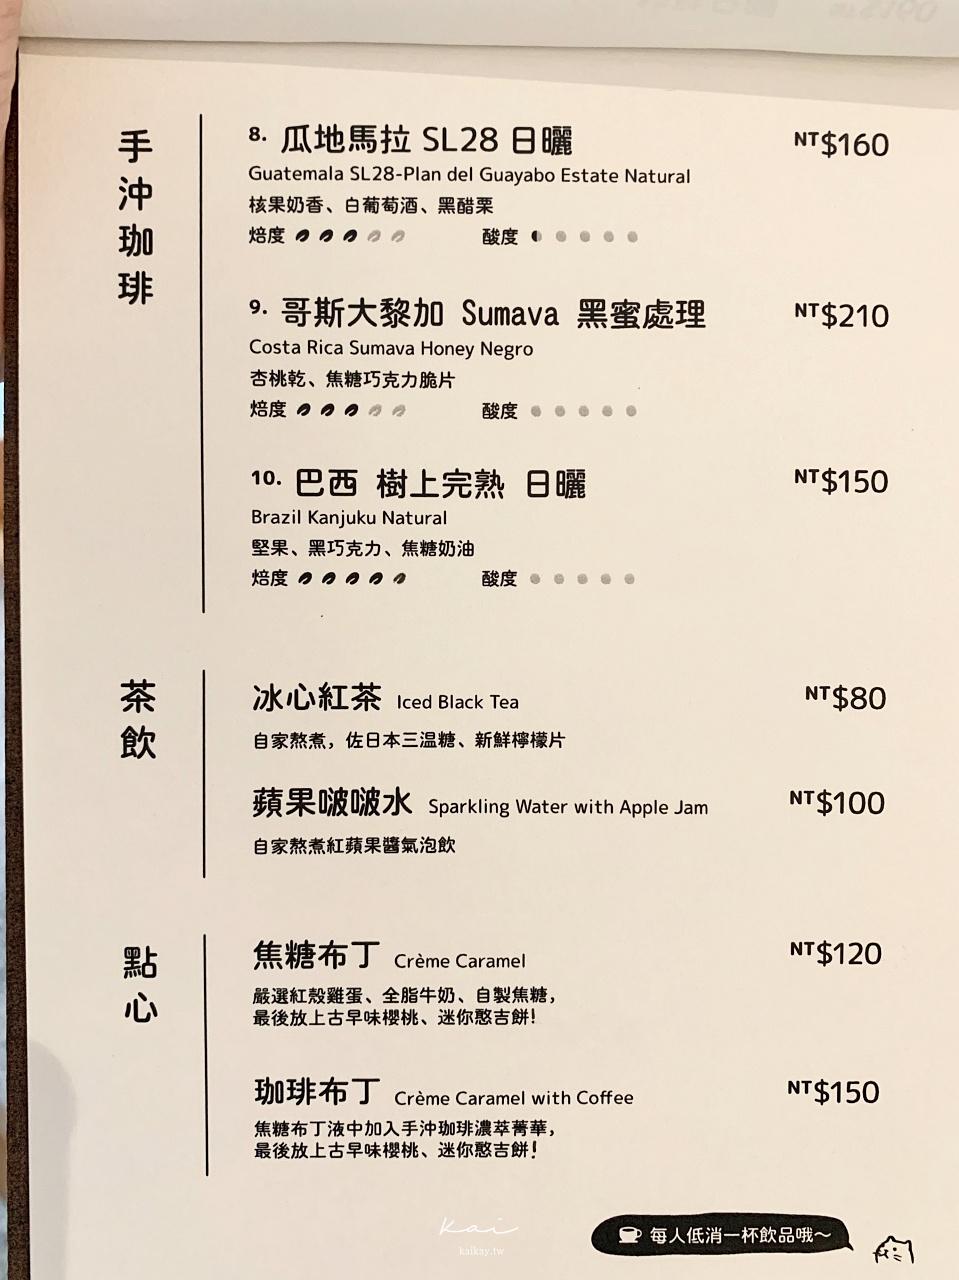 ☆【台北美食|大稻埕】躲躲貓珈琲。任性咖啡廳吃日式手工布丁 手沖咖啡